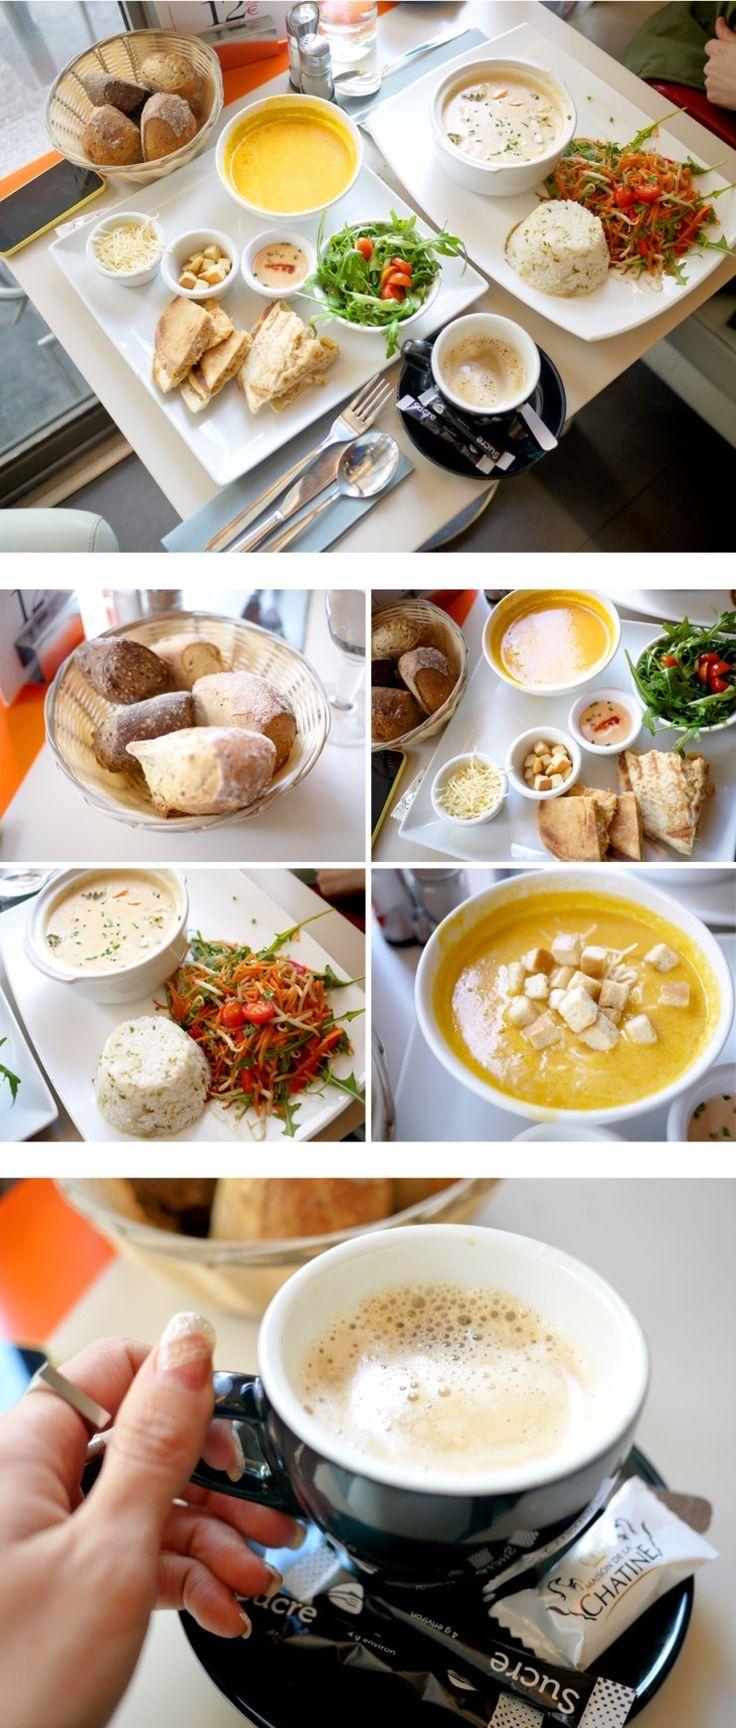 파리 여행 브런치 레스토랑 레알 Le Paradis Du Fruit : 네이버 블로그